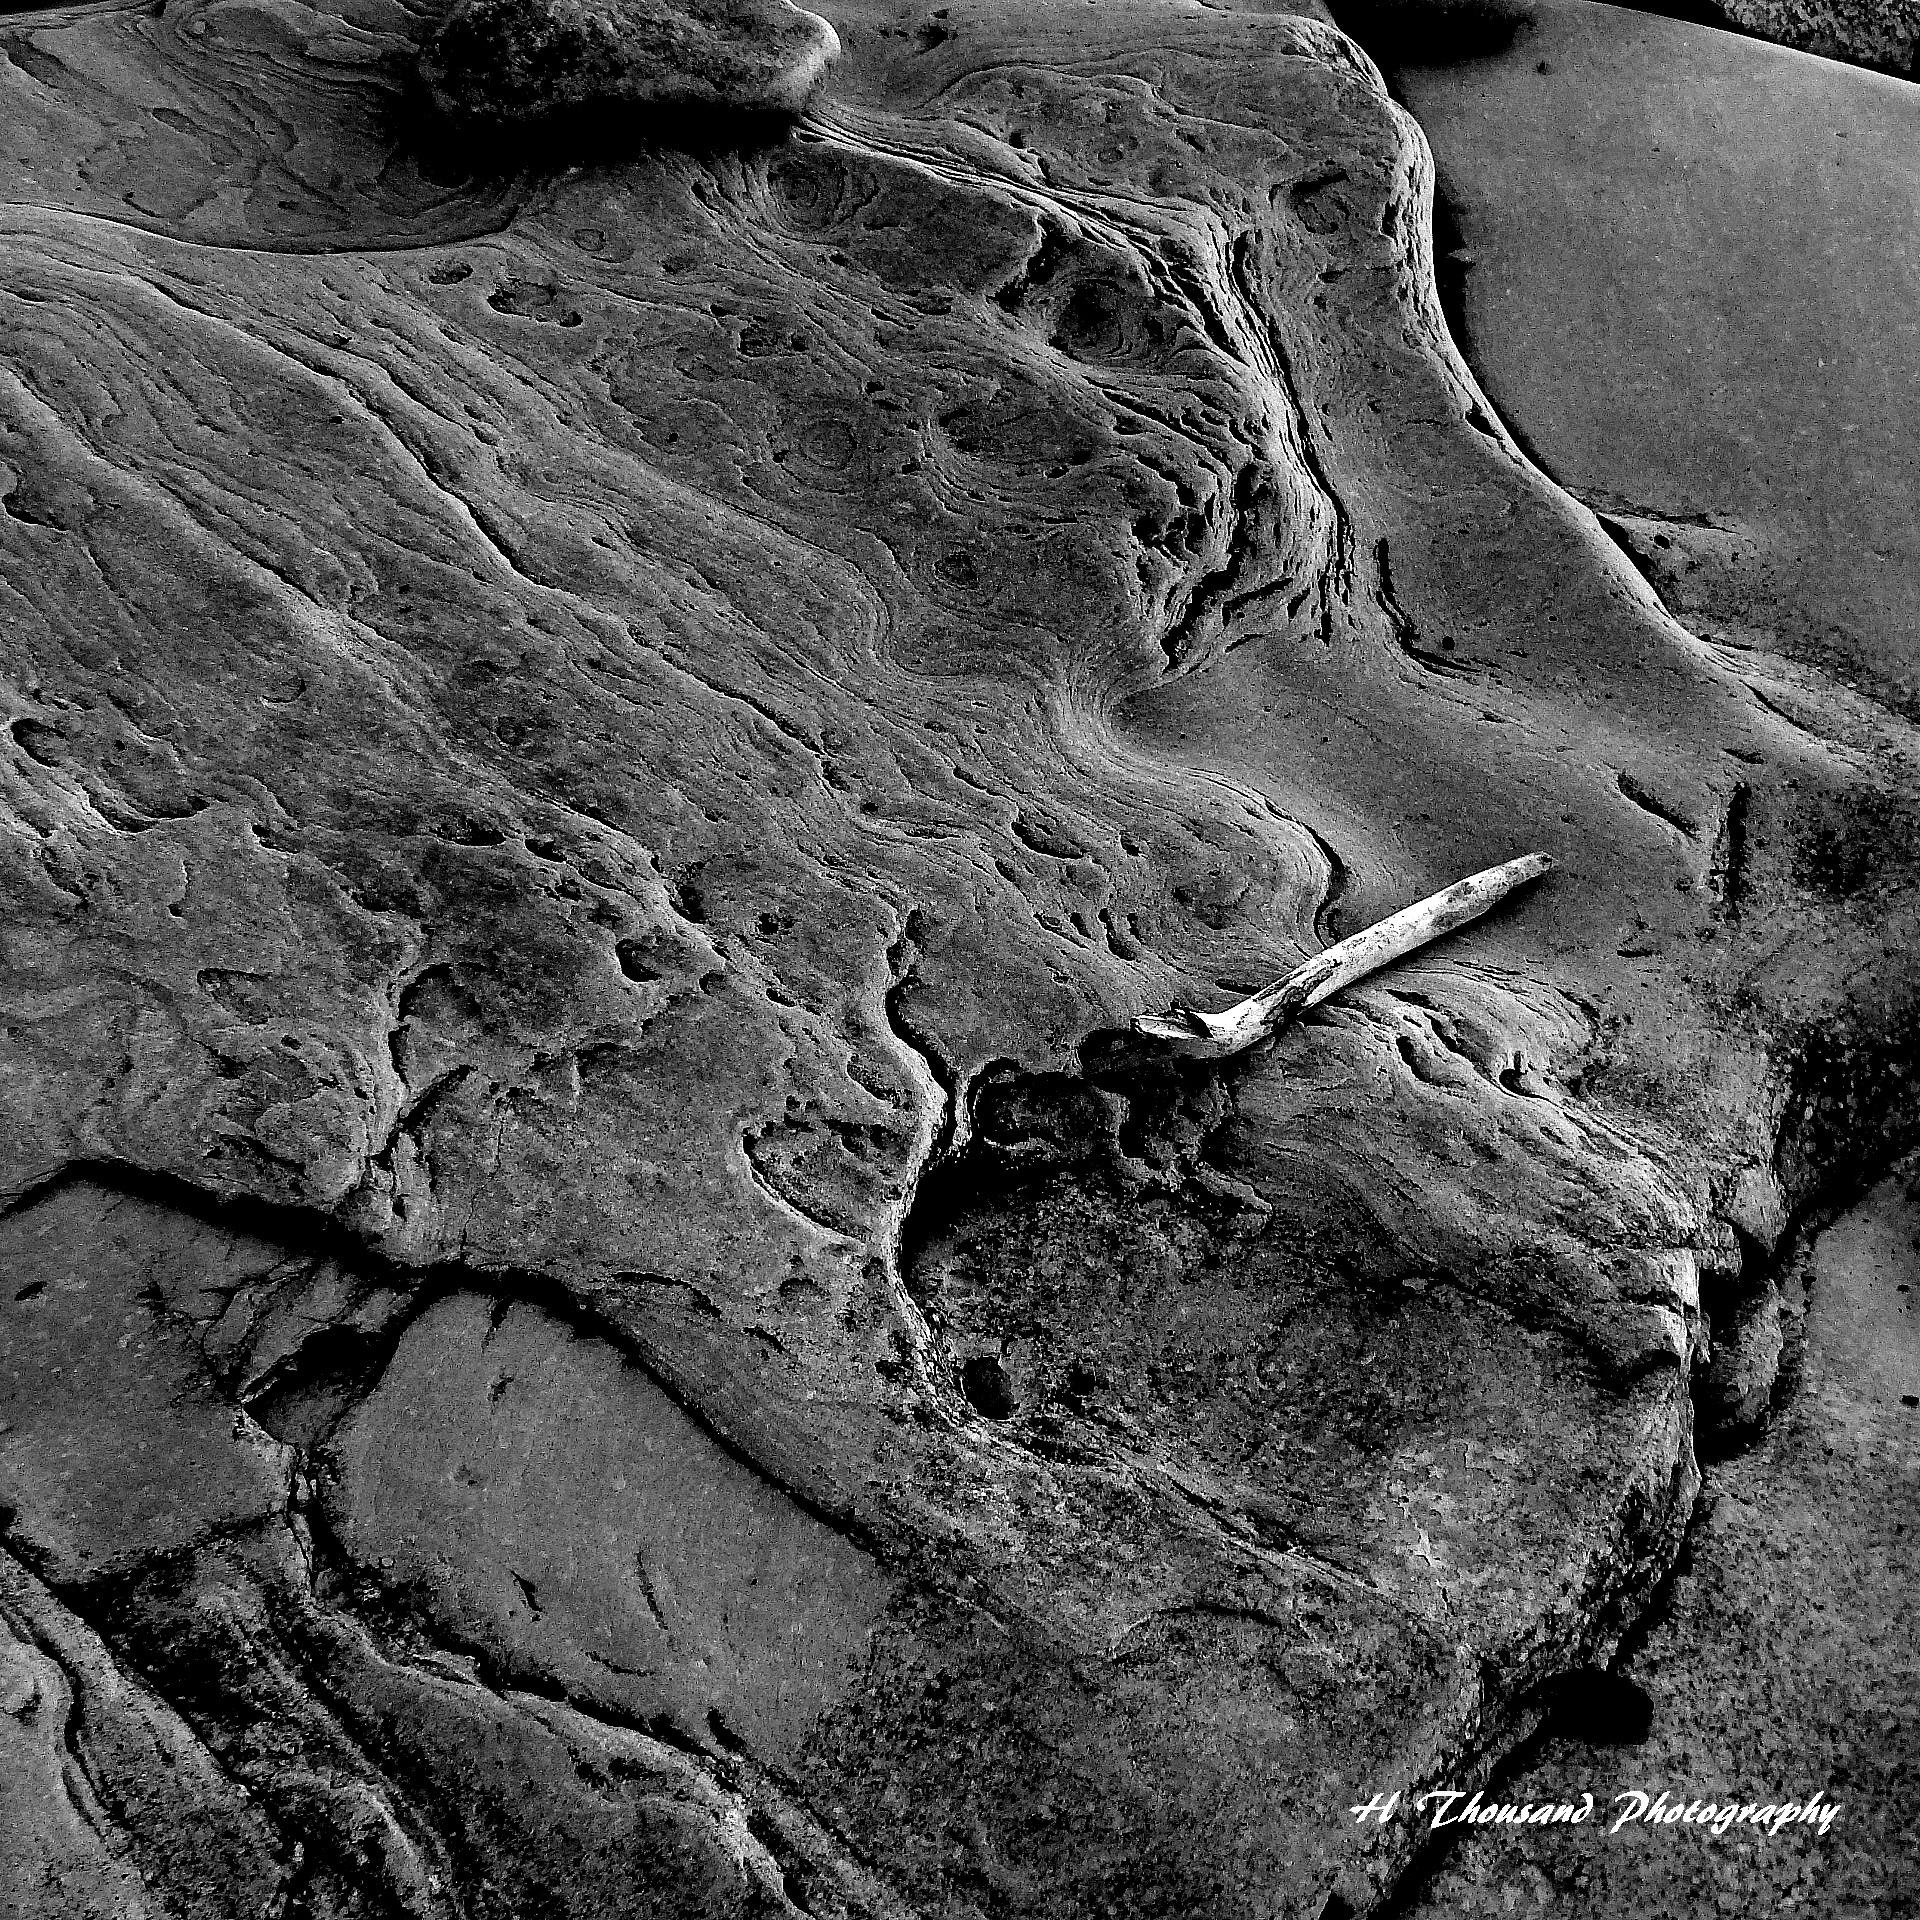 Rock formation Lake Ontario by hrthousandjr